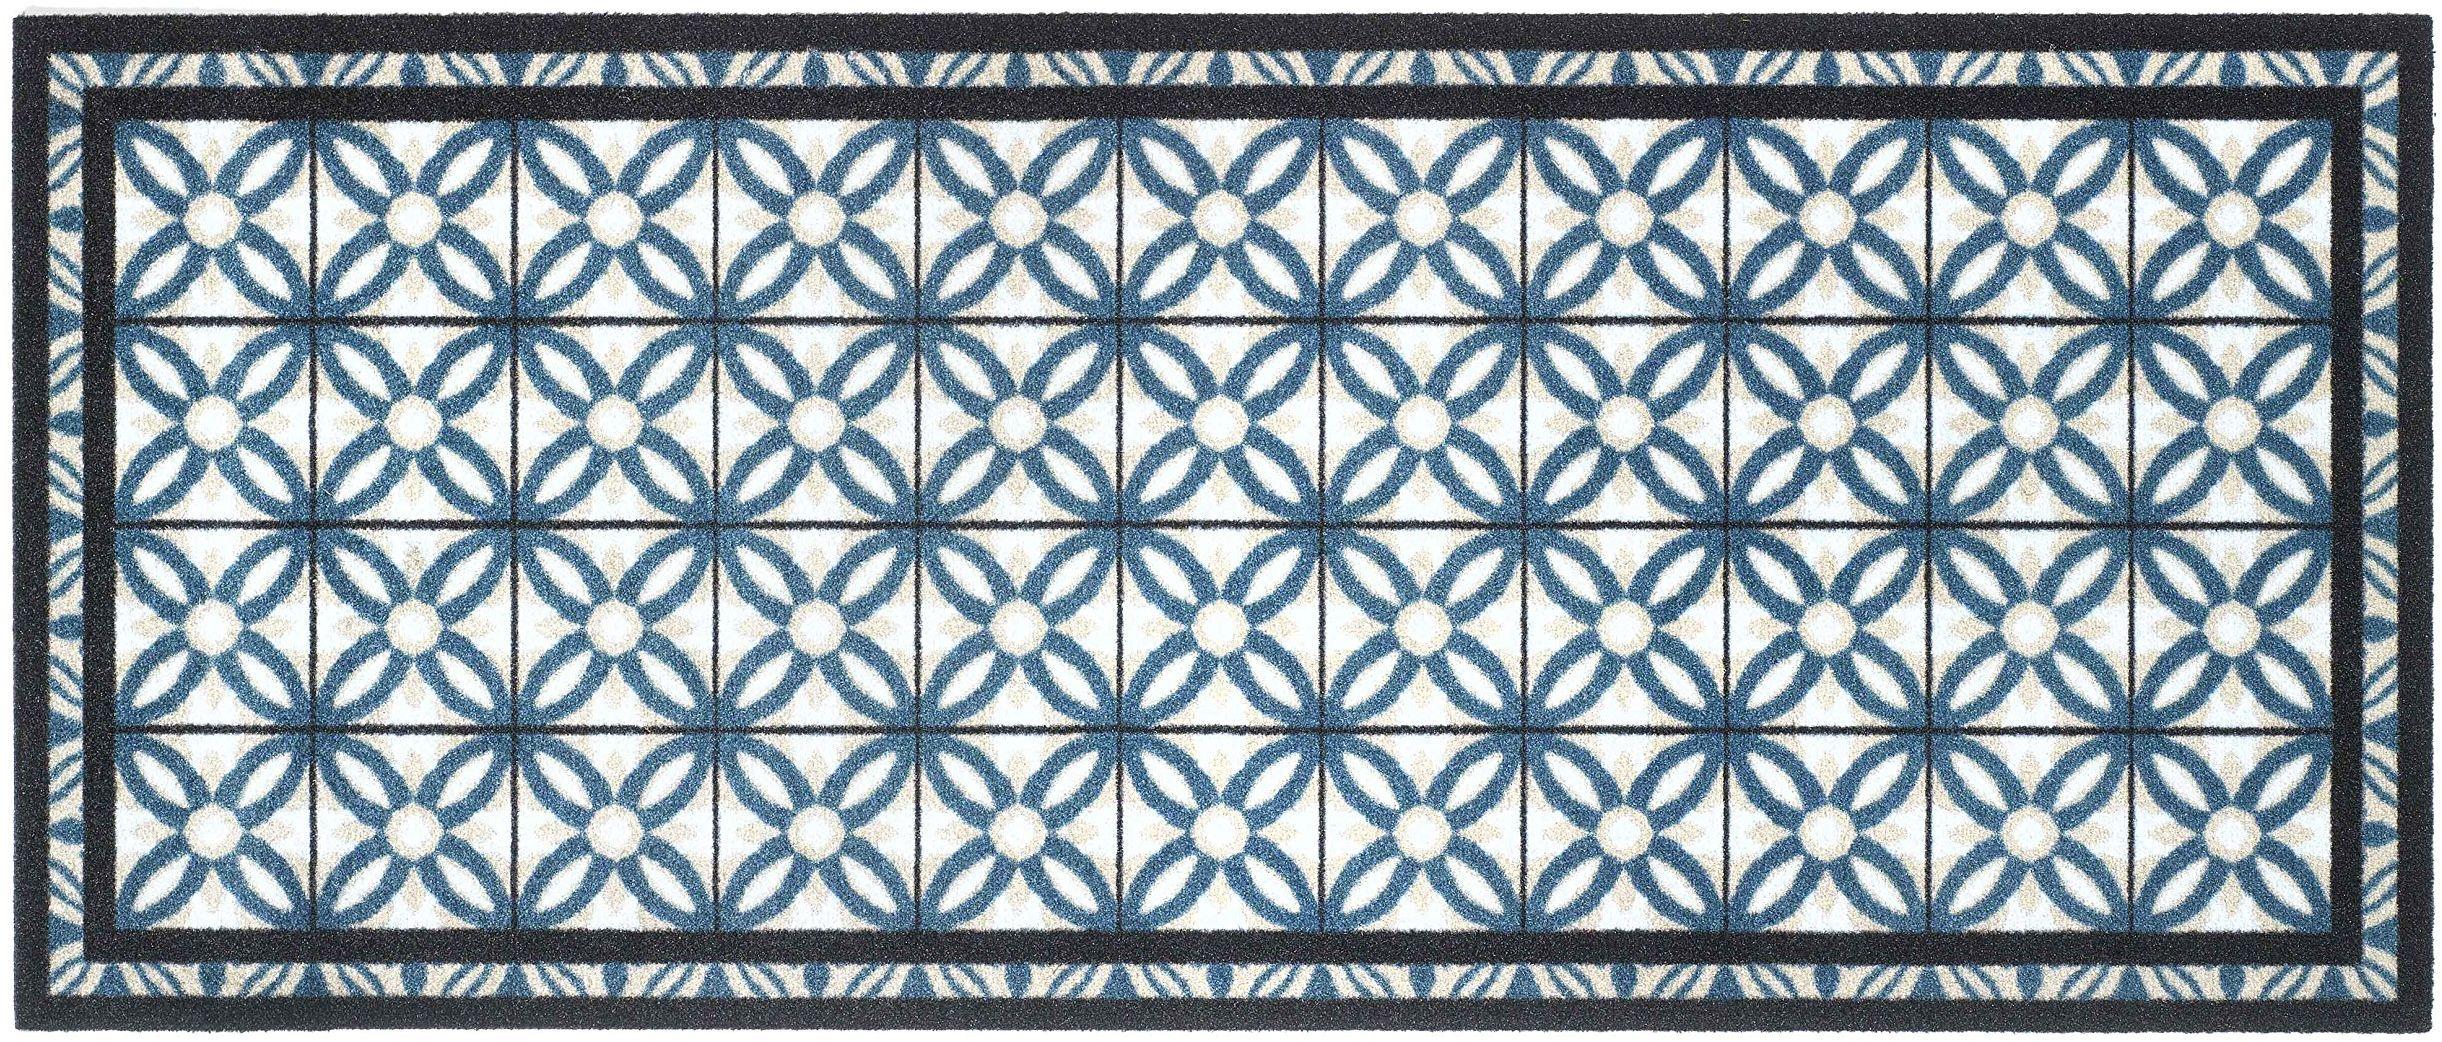 Wycieraczka, nadaje się do prania, modna, wielokolorowa, 100% poliamid, na winylu, w kratkę, niebieska, 50 x 120 cm